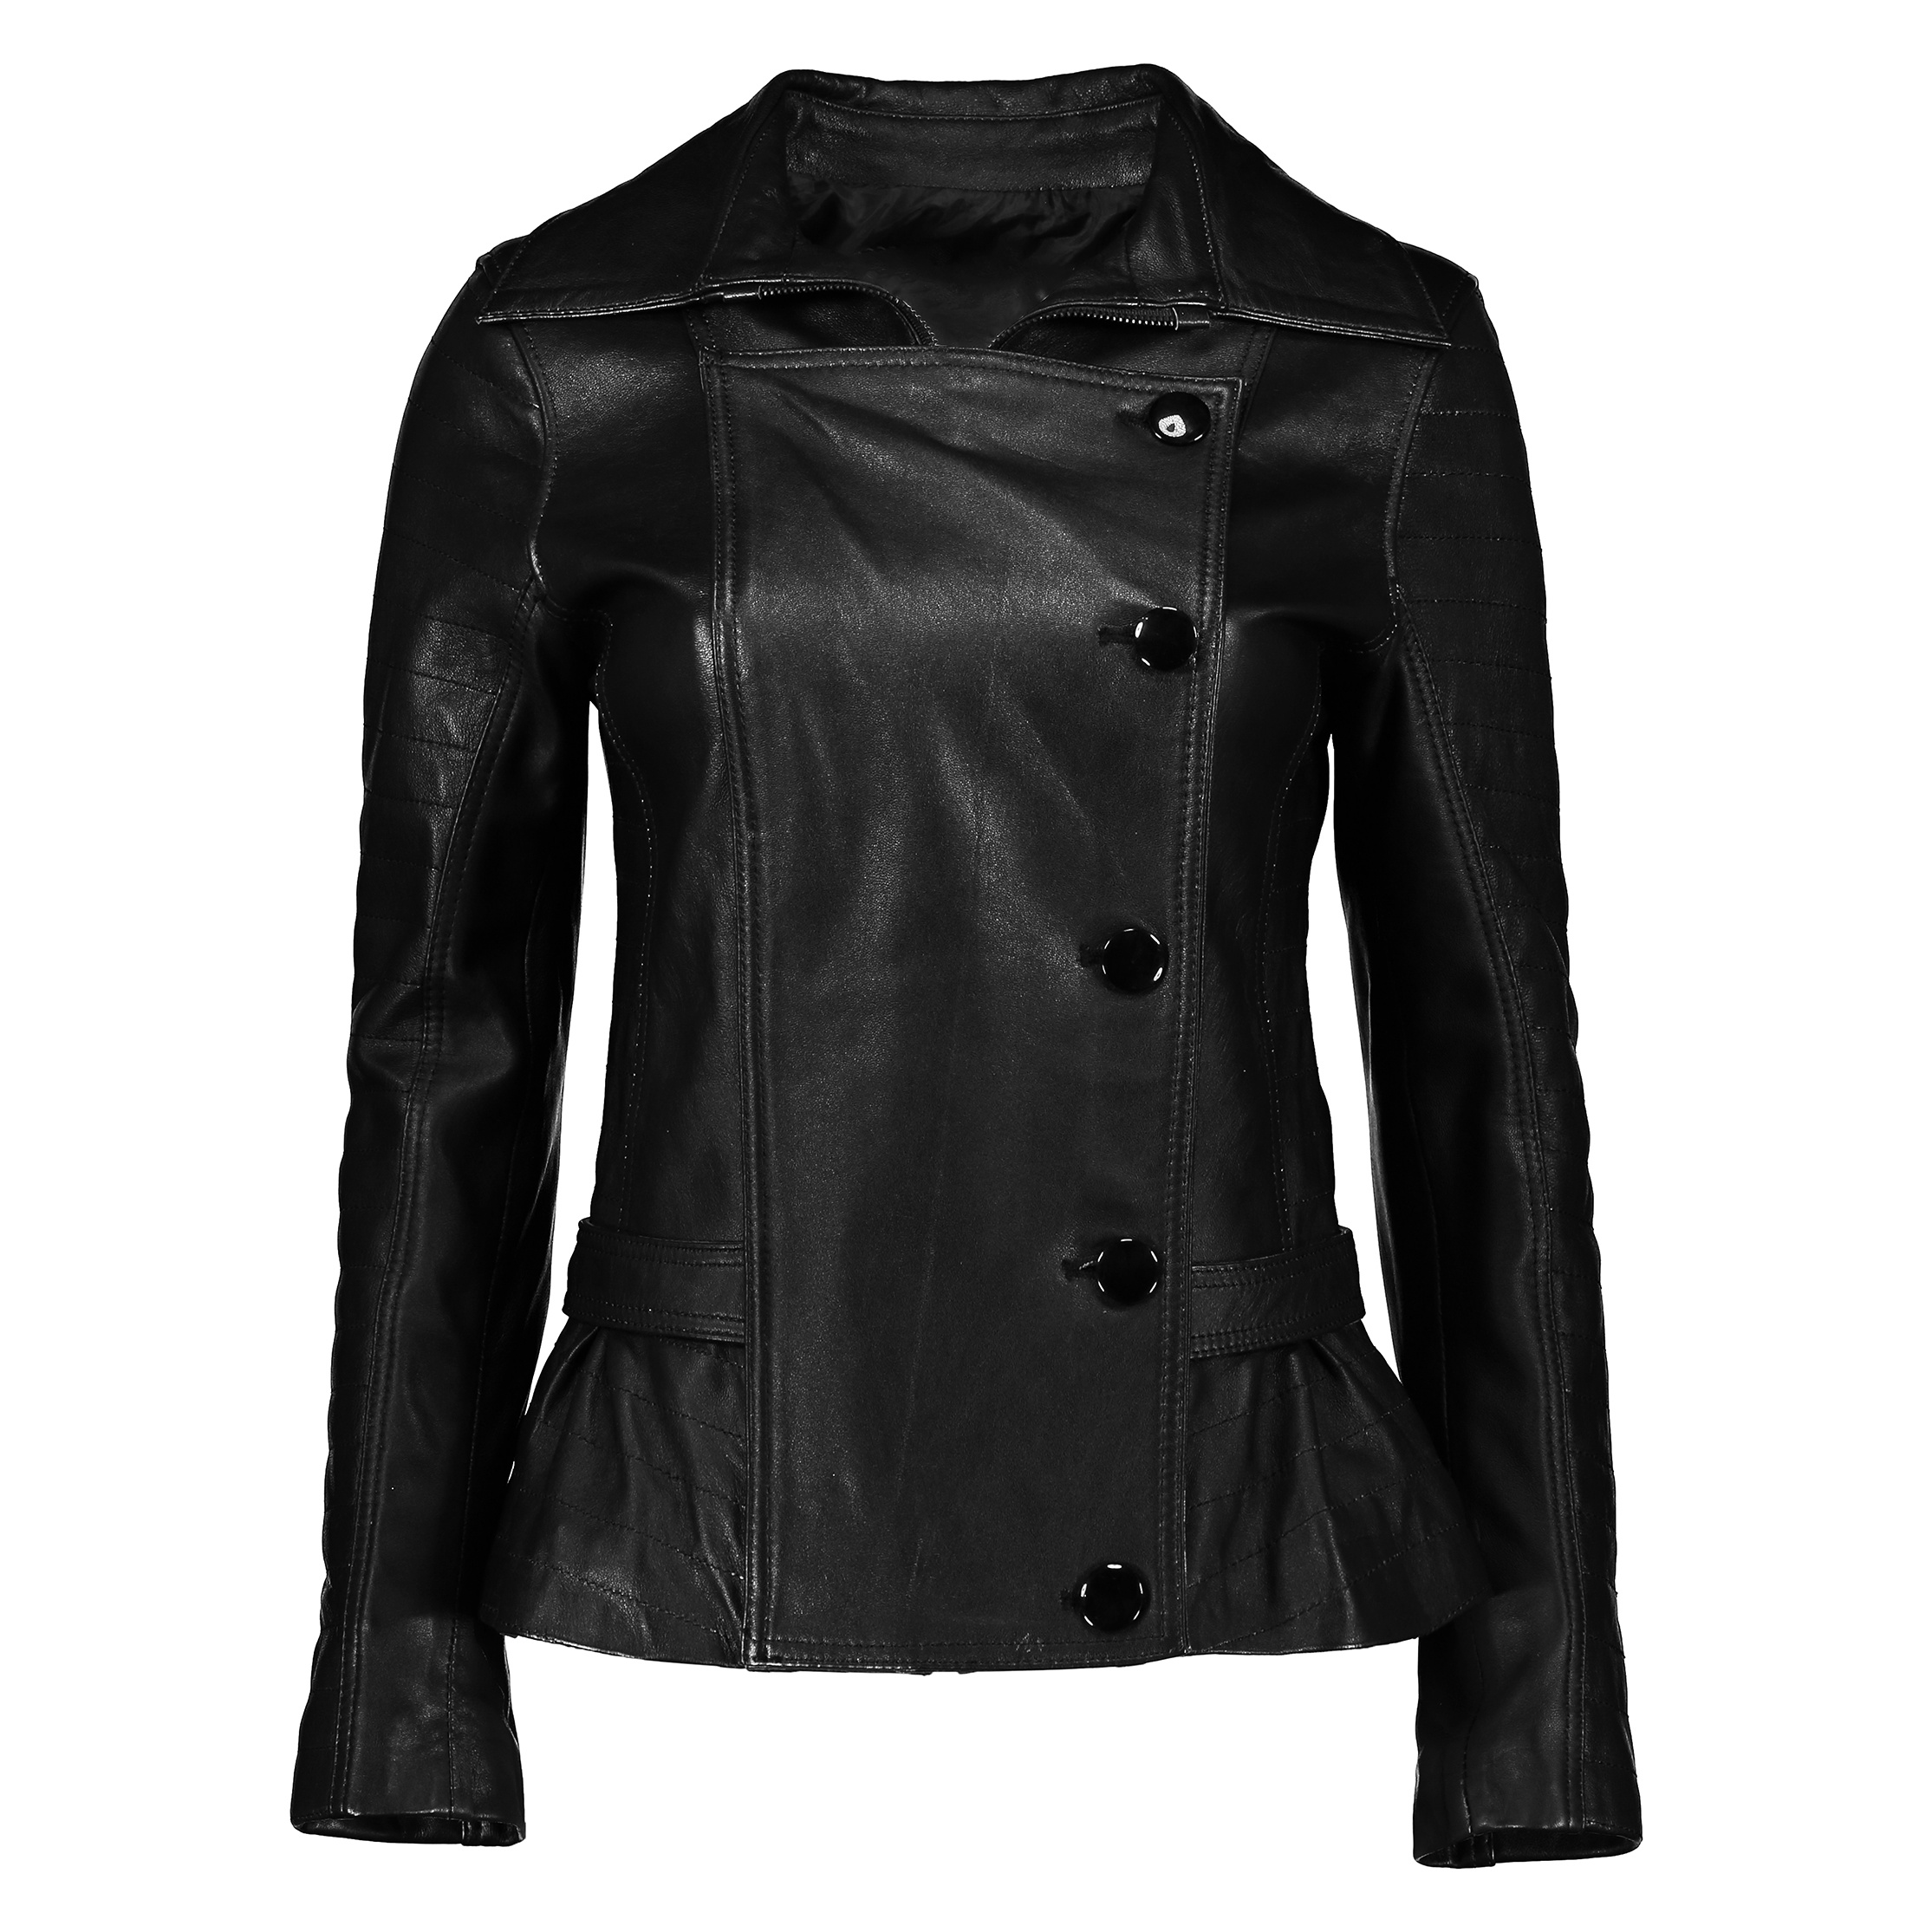 کت چرم زنانه شیفر مدل 2707-01